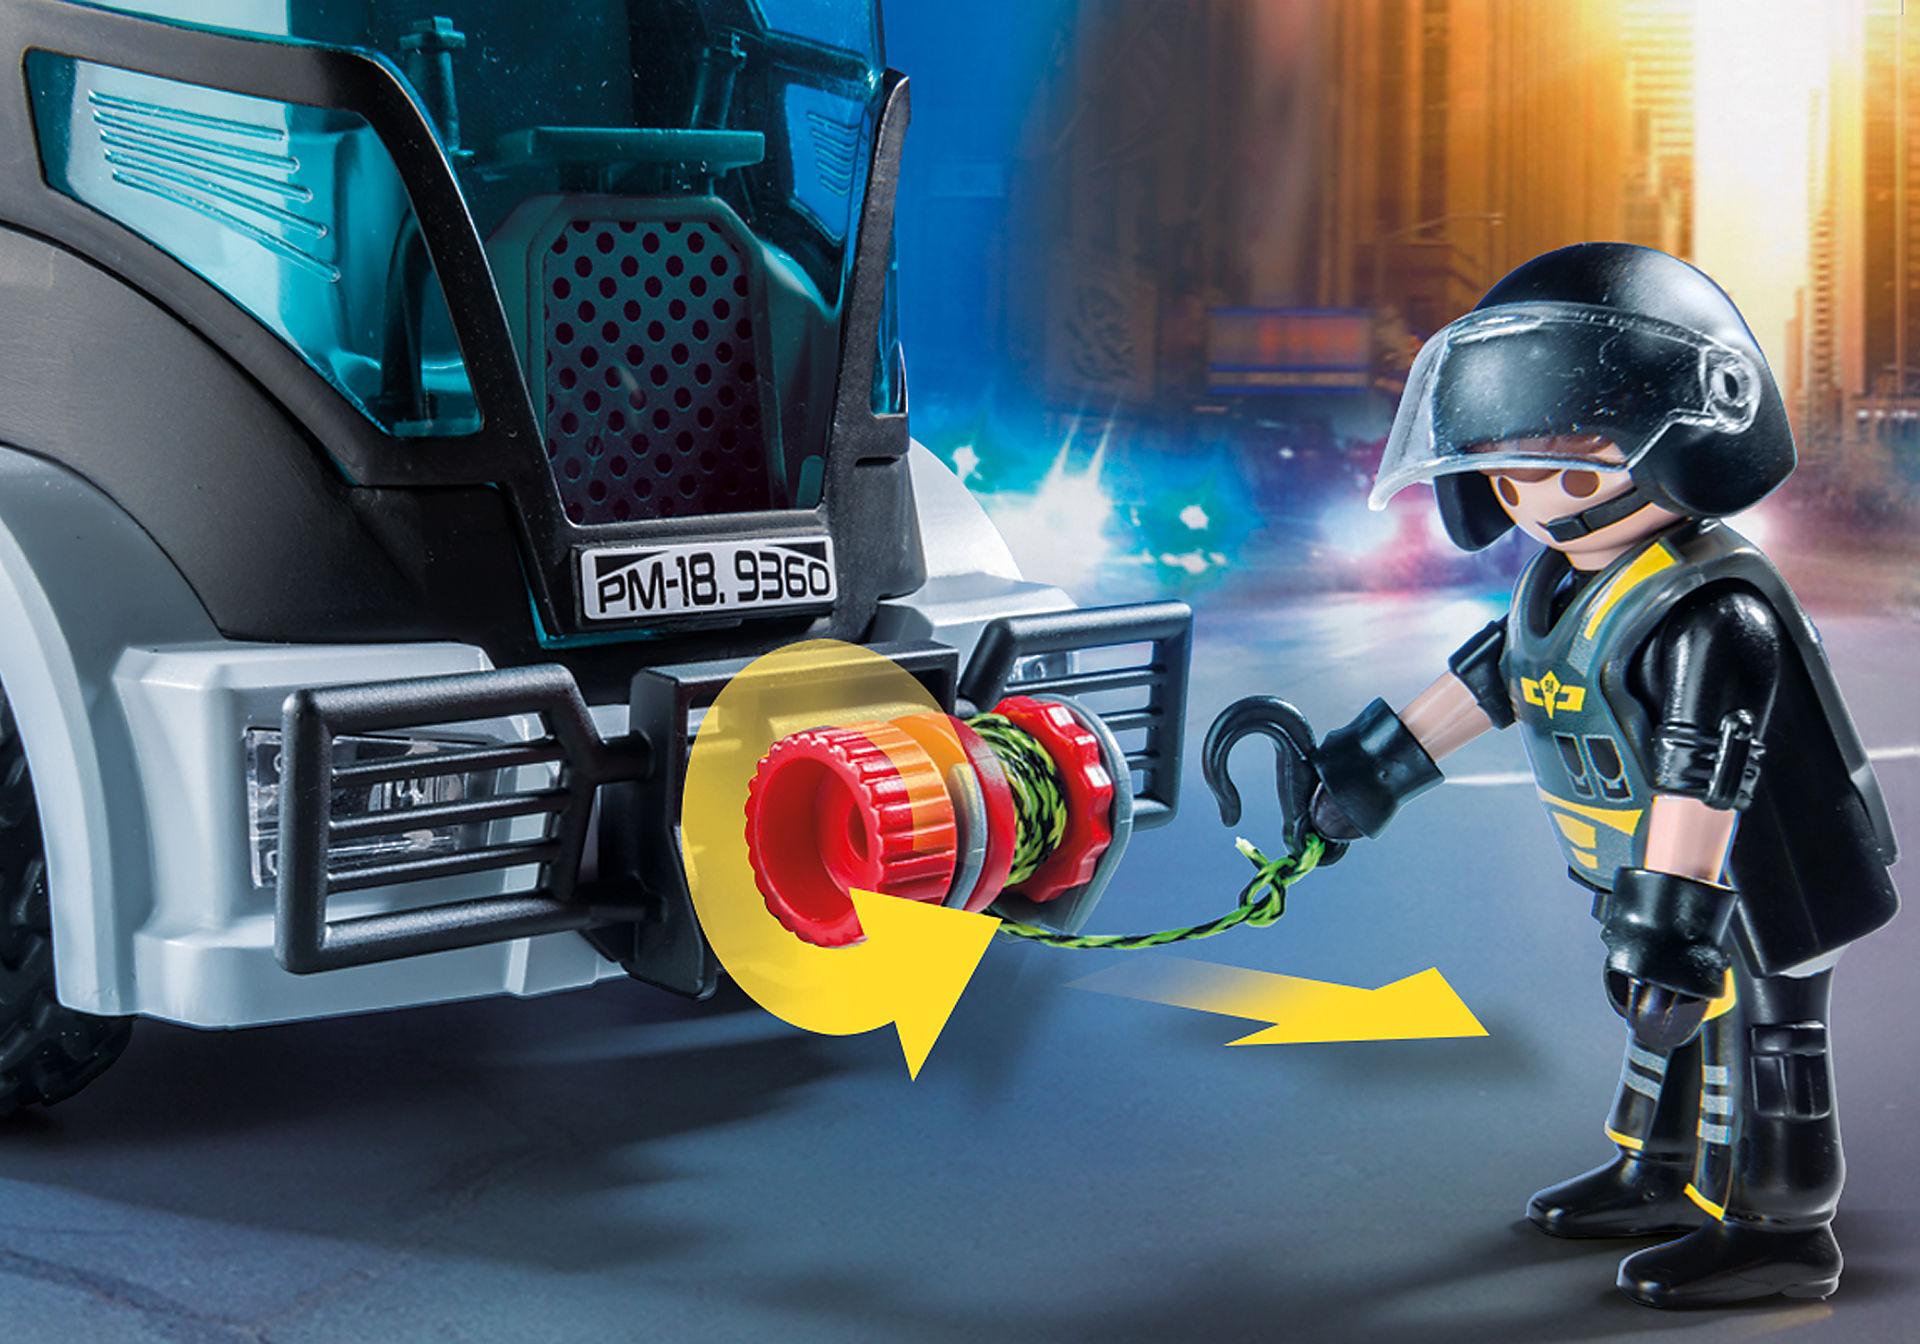 http://media.playmobil.com/i/playmobil/9360_product_extra2/Veículo com luz LED e som